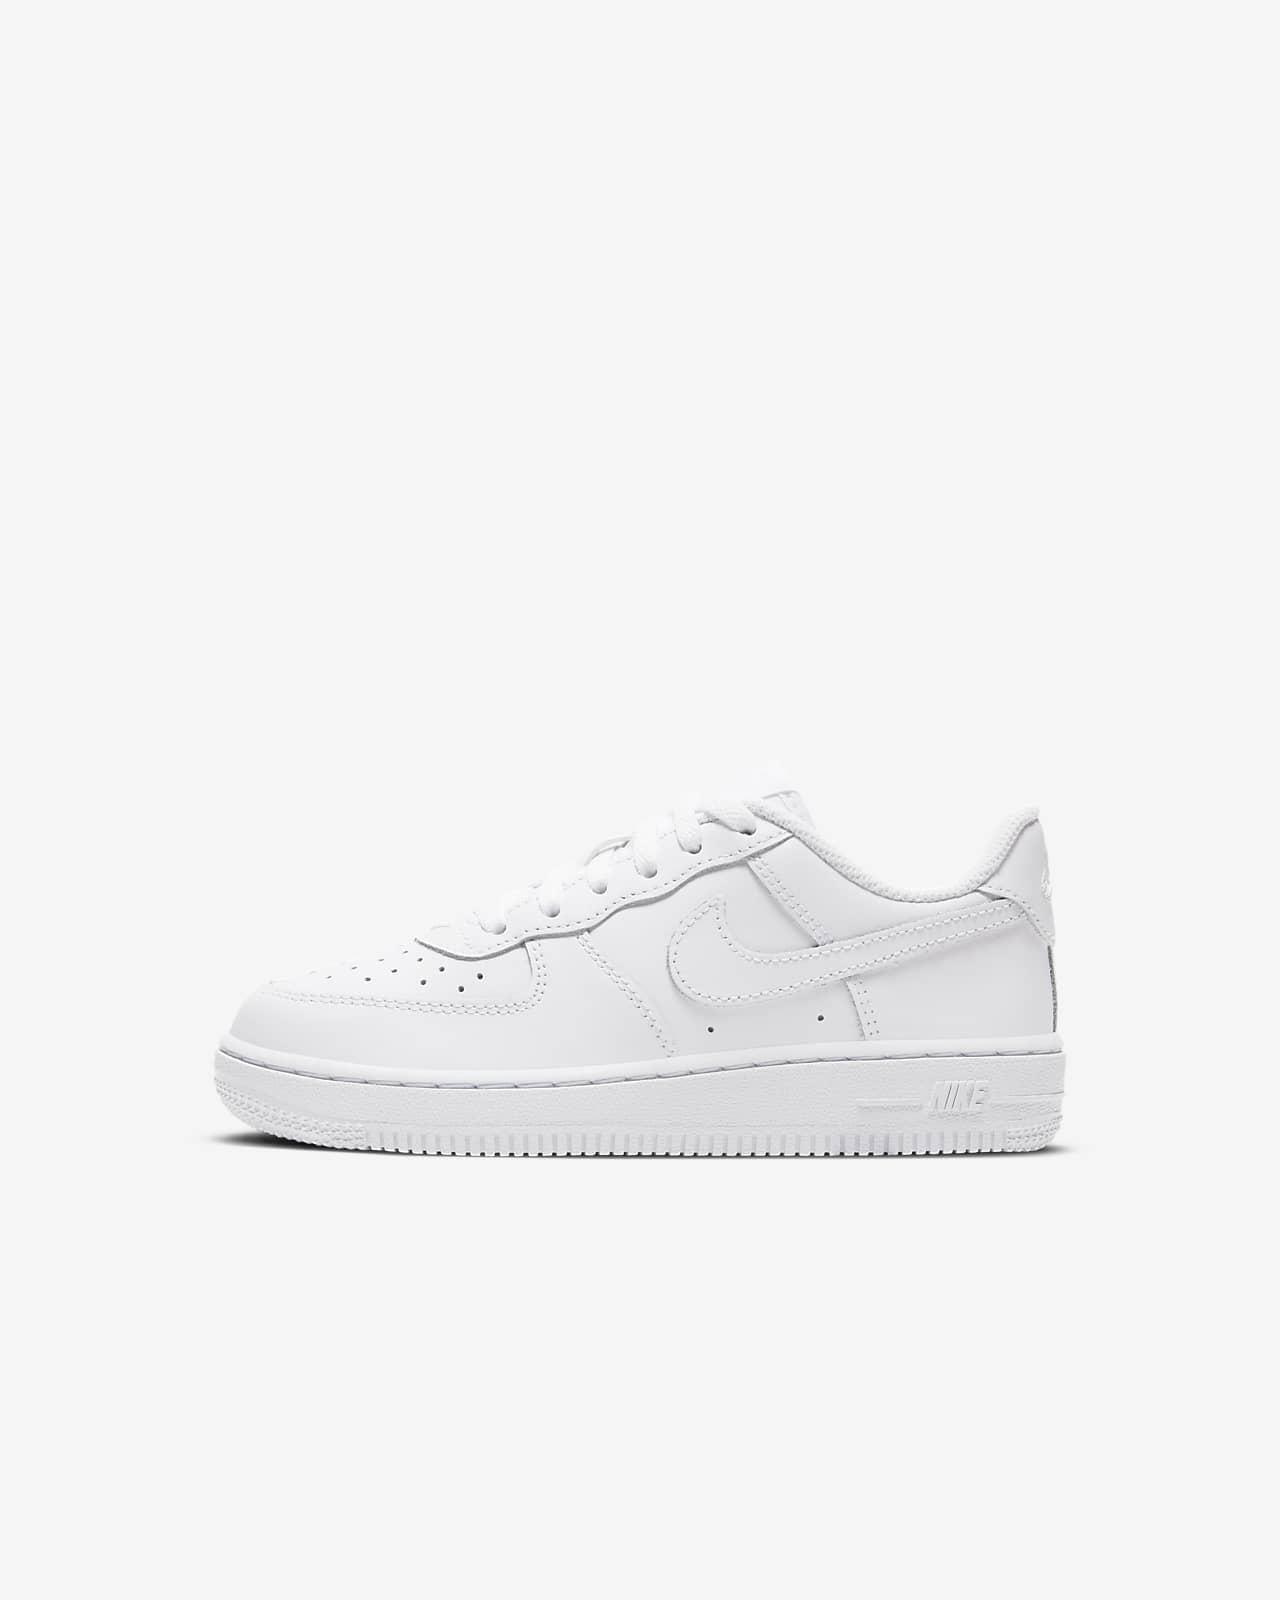 Nike Force 1 LE Küçük Çocuk Ayakkabısı